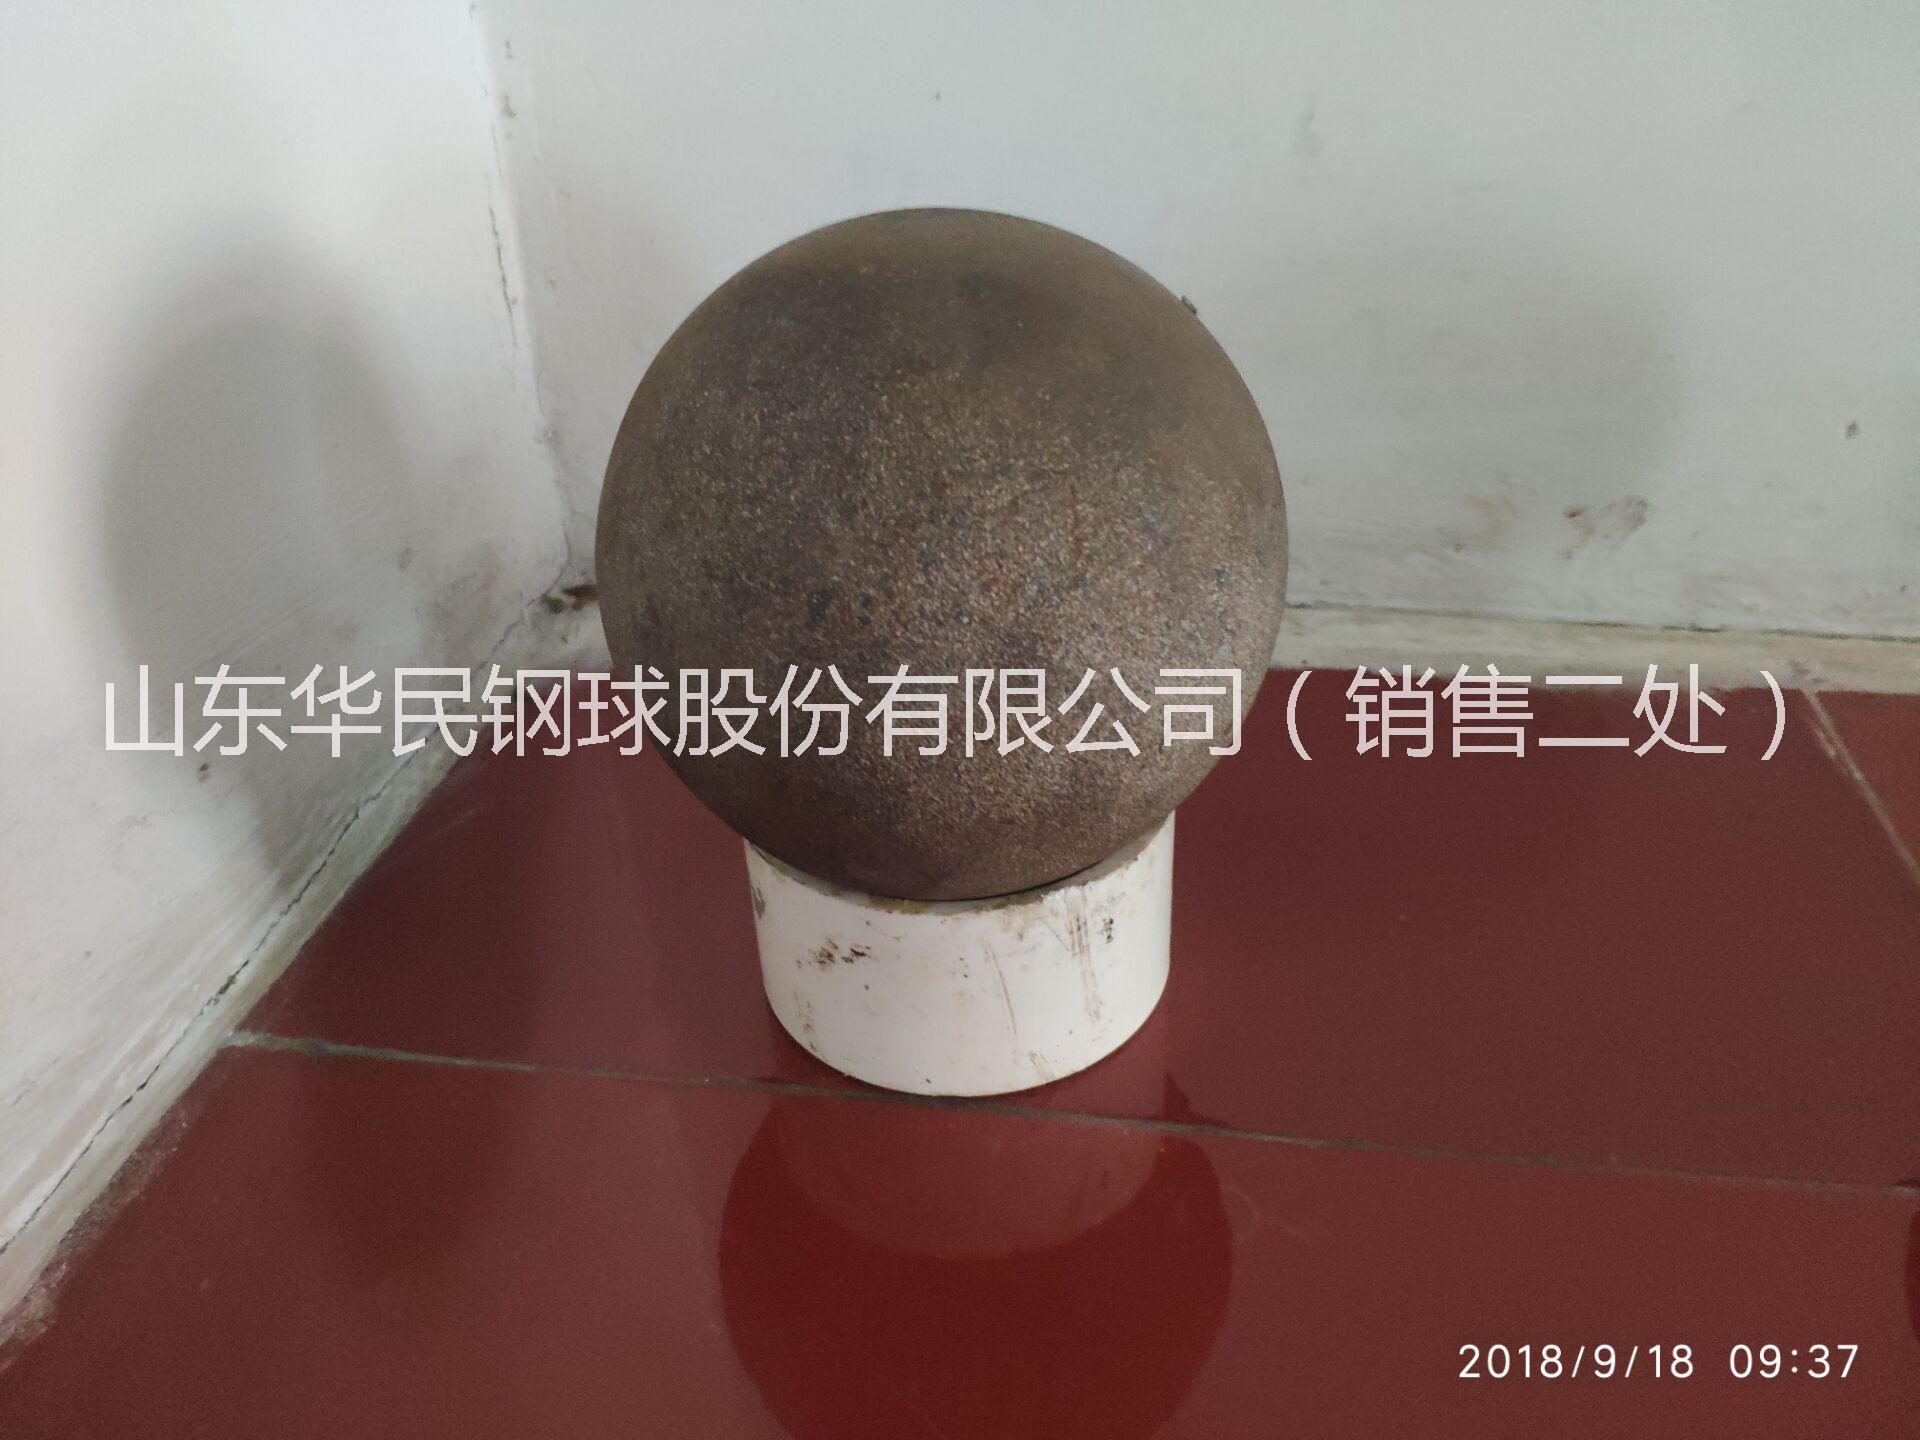 供应华民耐磨钢球 锻球 耐磨铸球 高硬度低磨耗